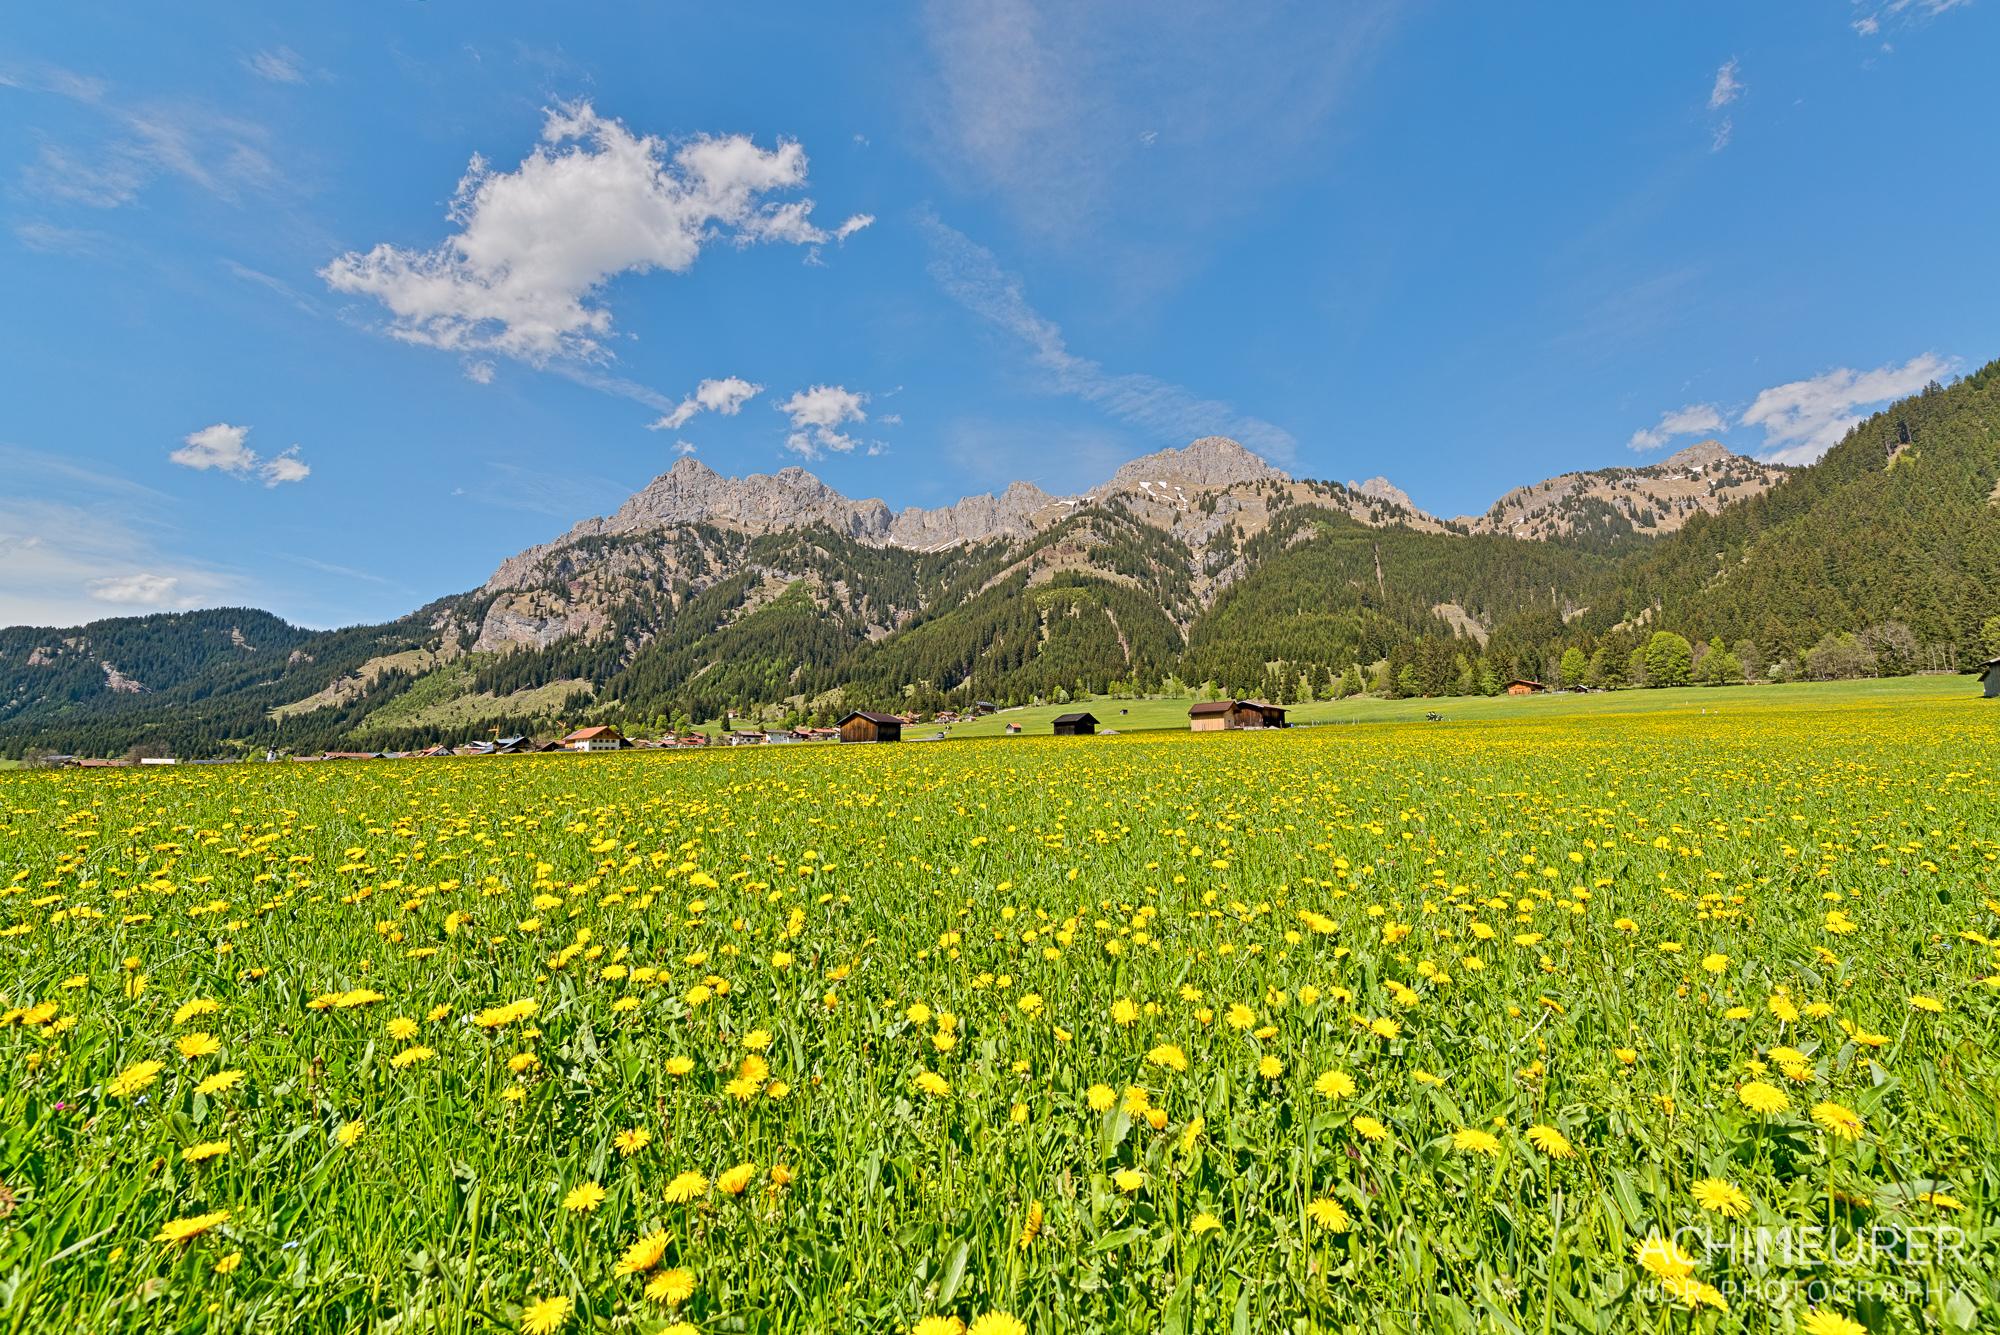 Tannheimer-Tal-Fruehling-Landschaft-Wiese-Blumen_1967_6_5_4_3_HDR